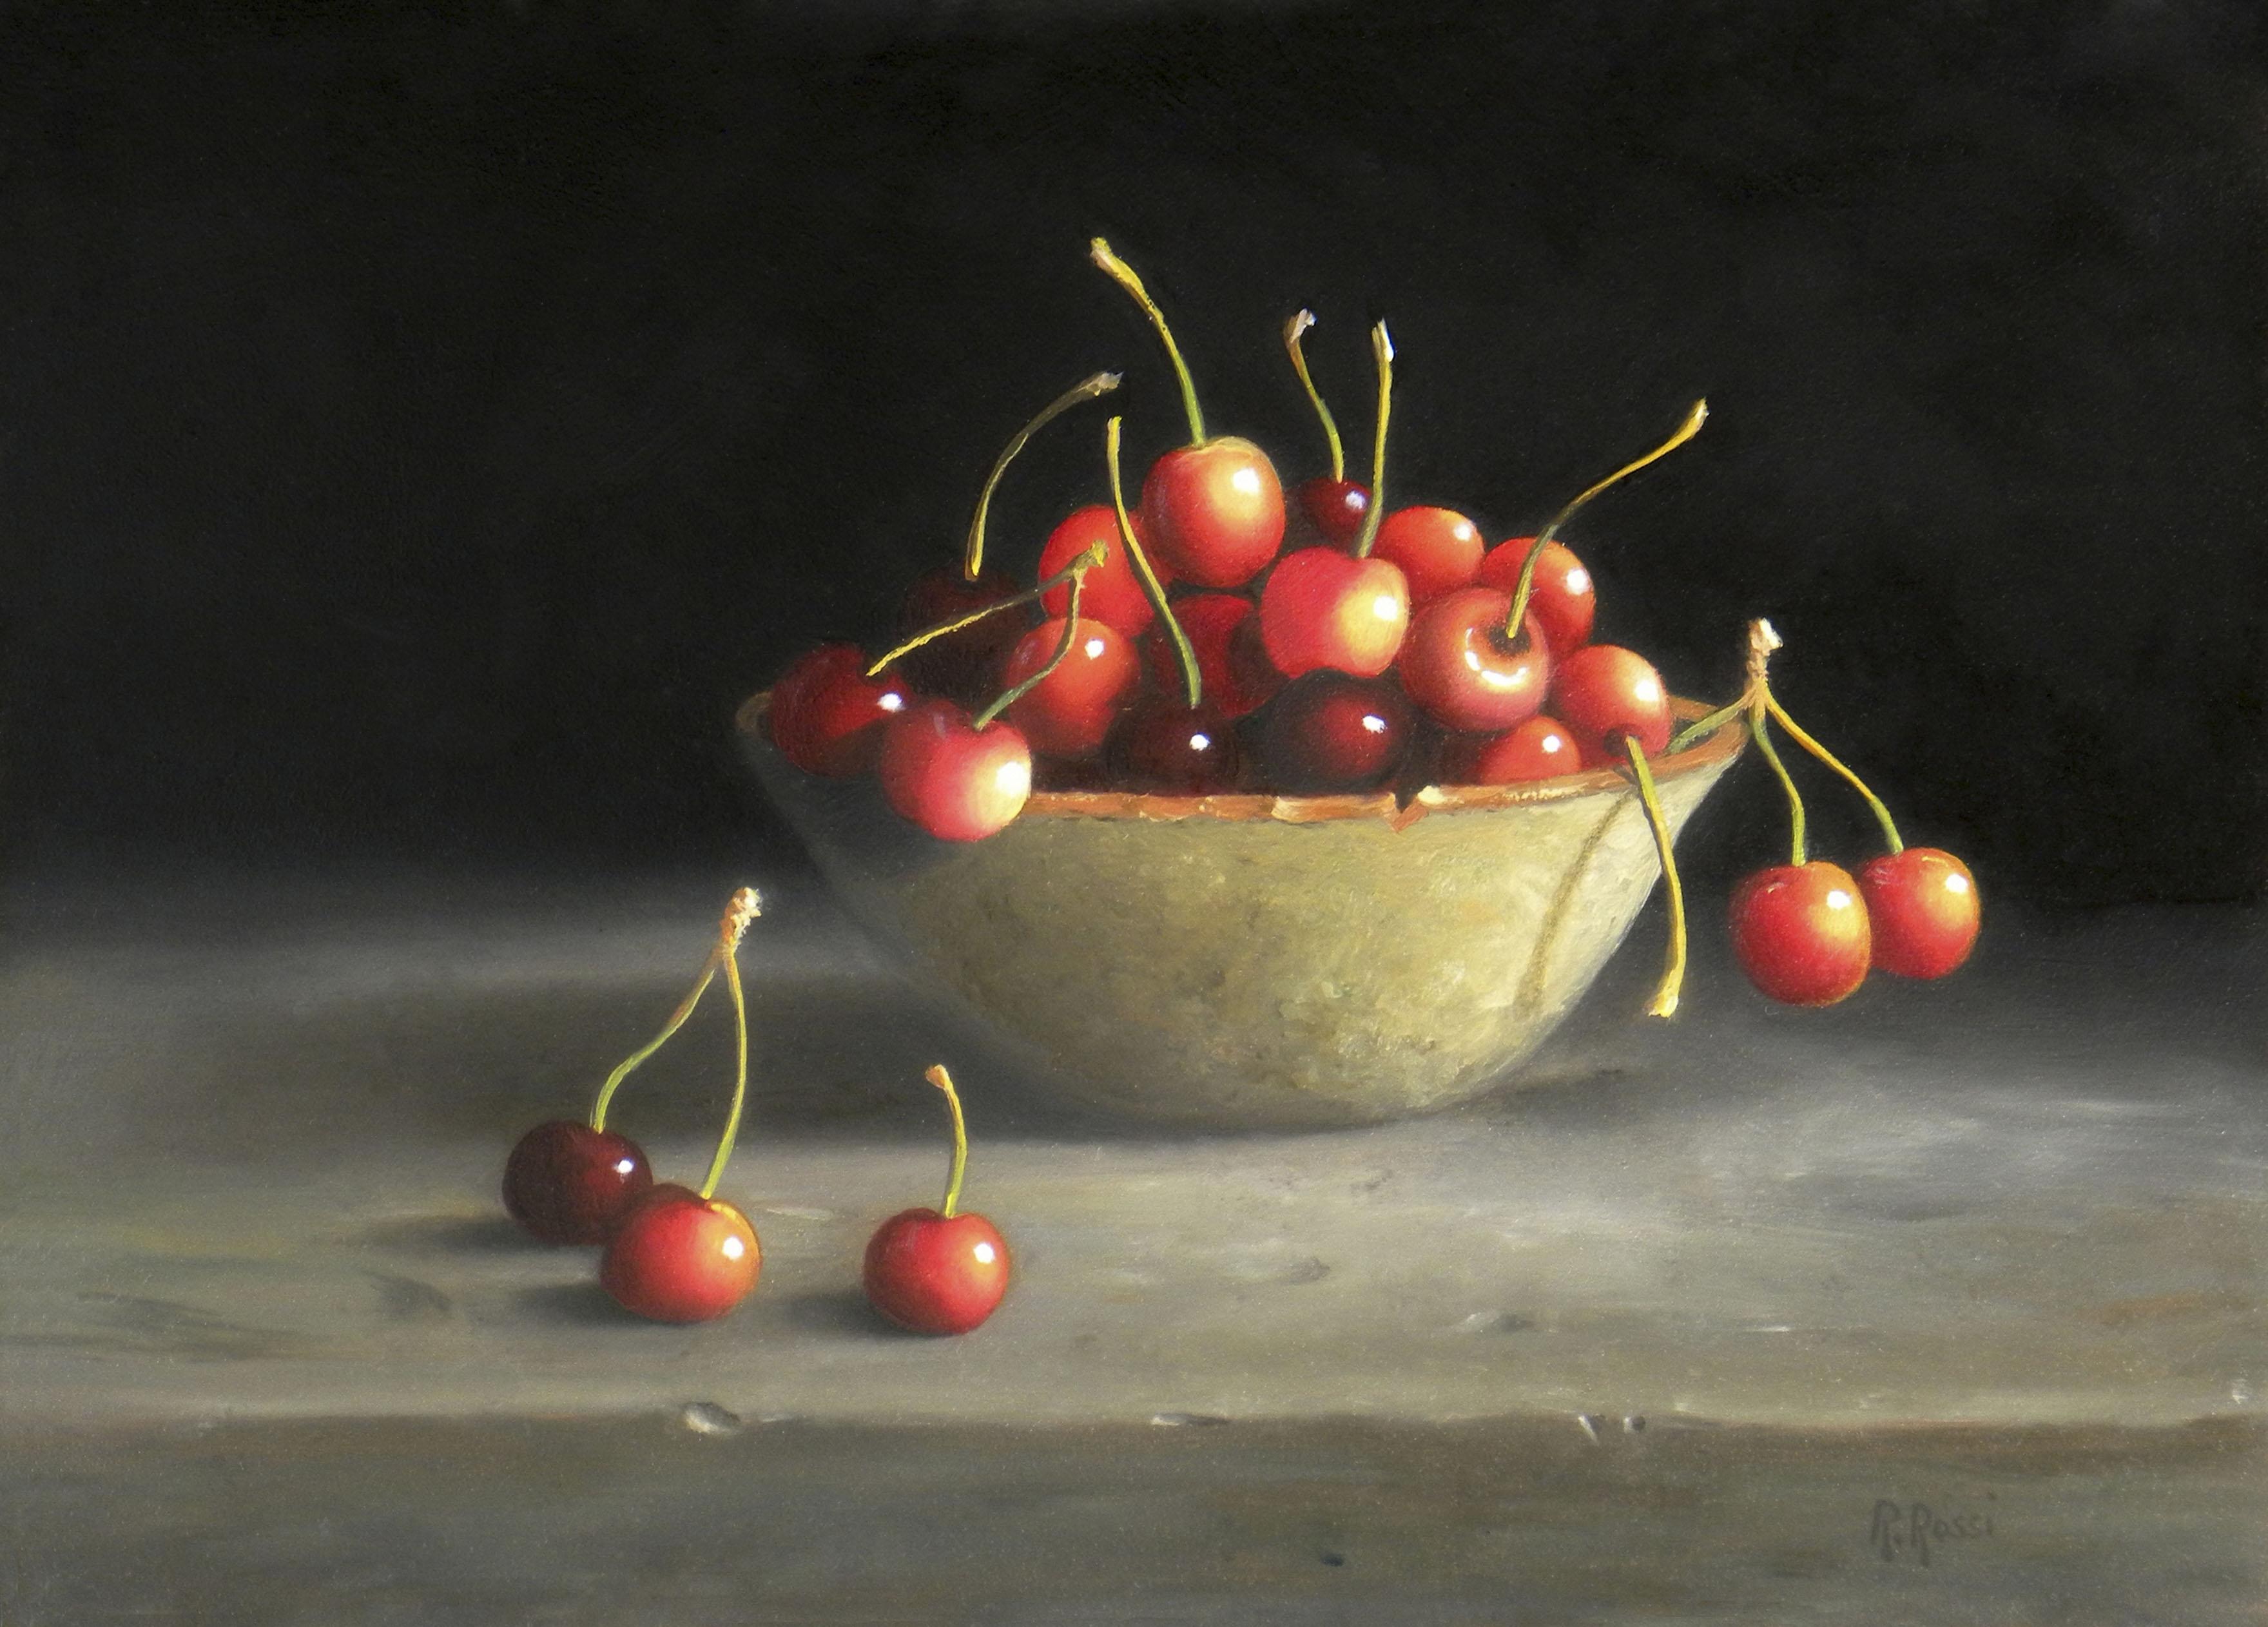 2015 roberta rossi - ciliege nella ciotola - olio su tavola - 18 x 24